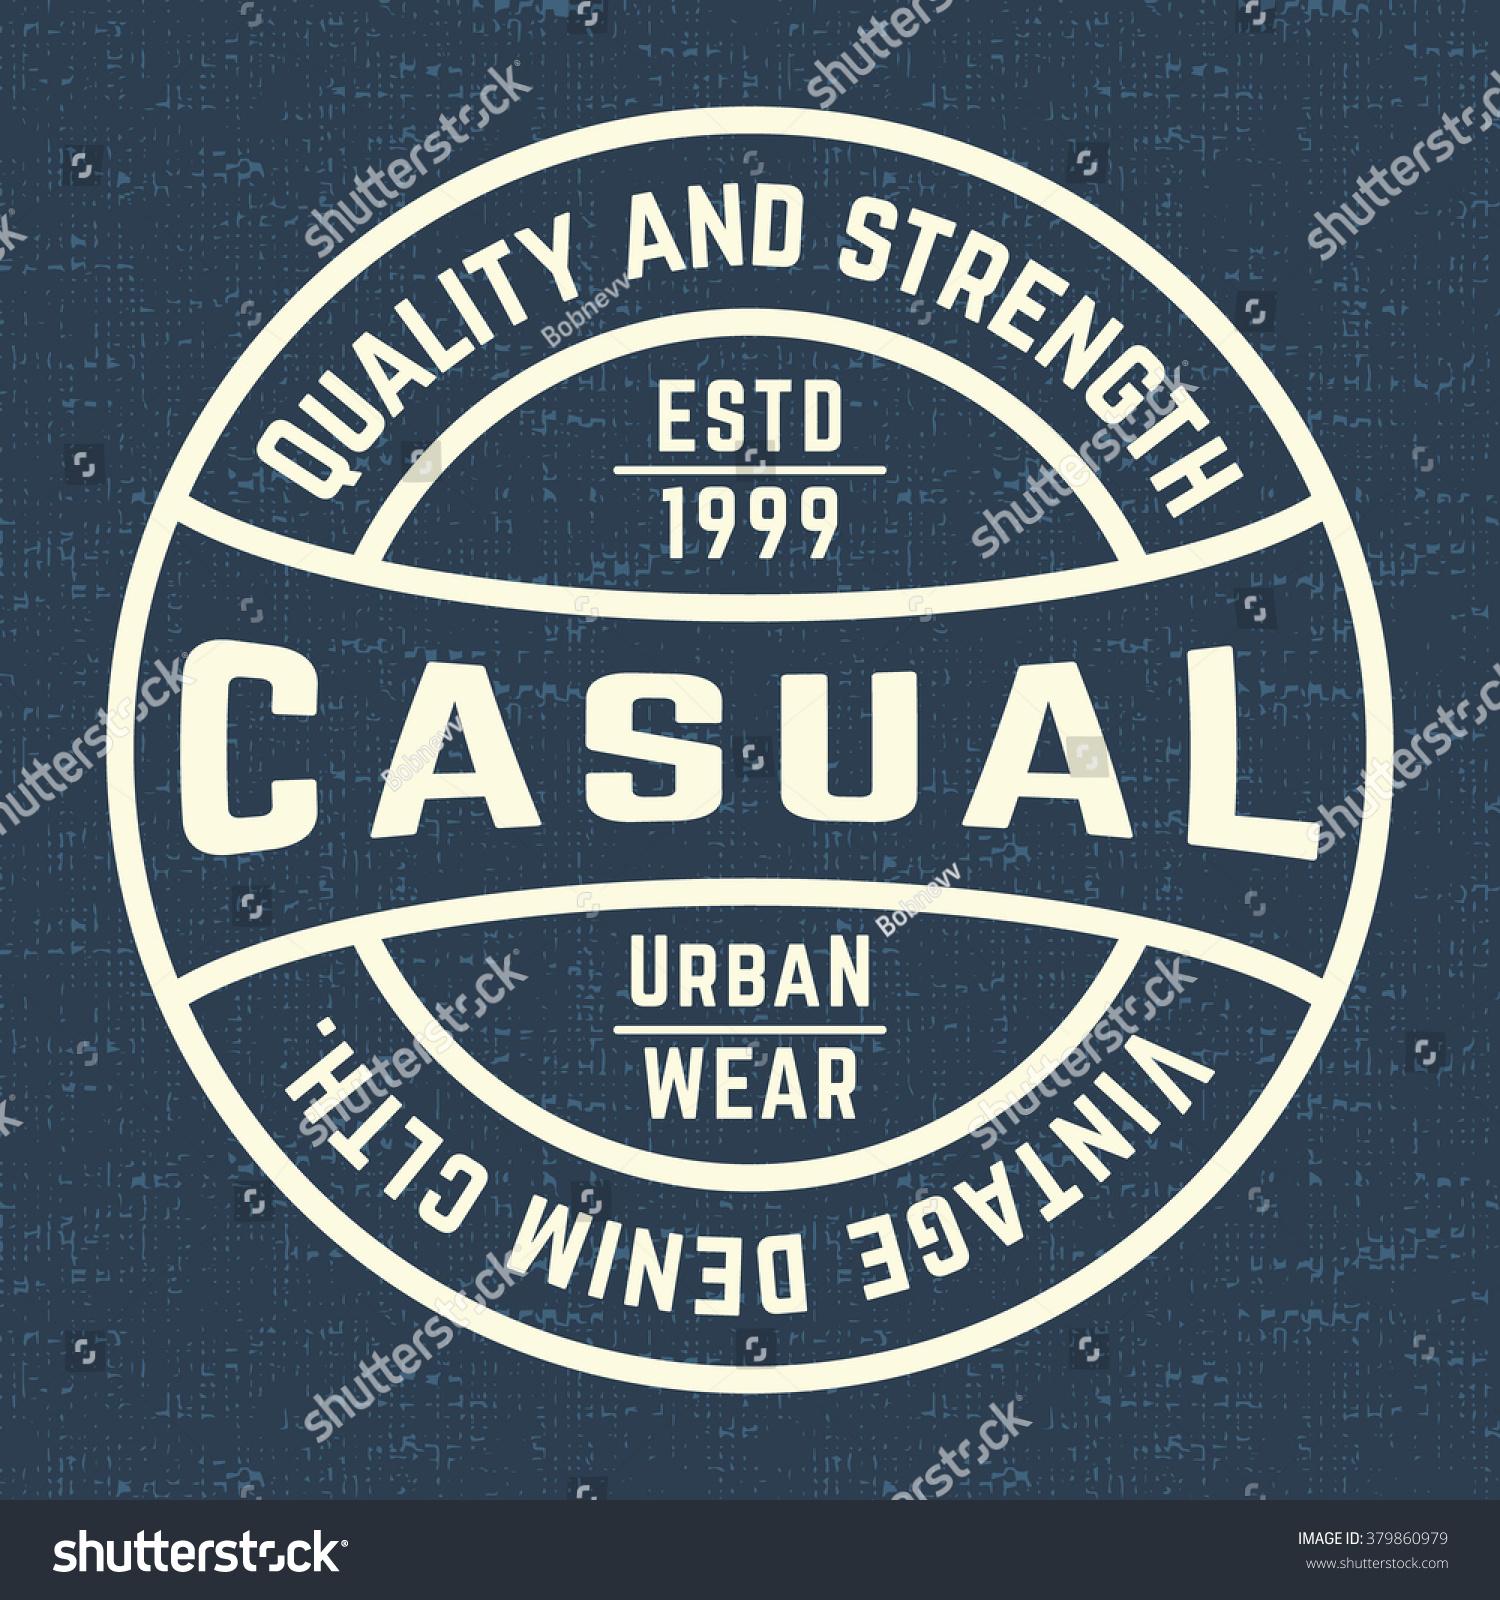 Design t shirt label - T Shirt Print Design Denim Vintage Stamp Printing And Badge Applique Label T